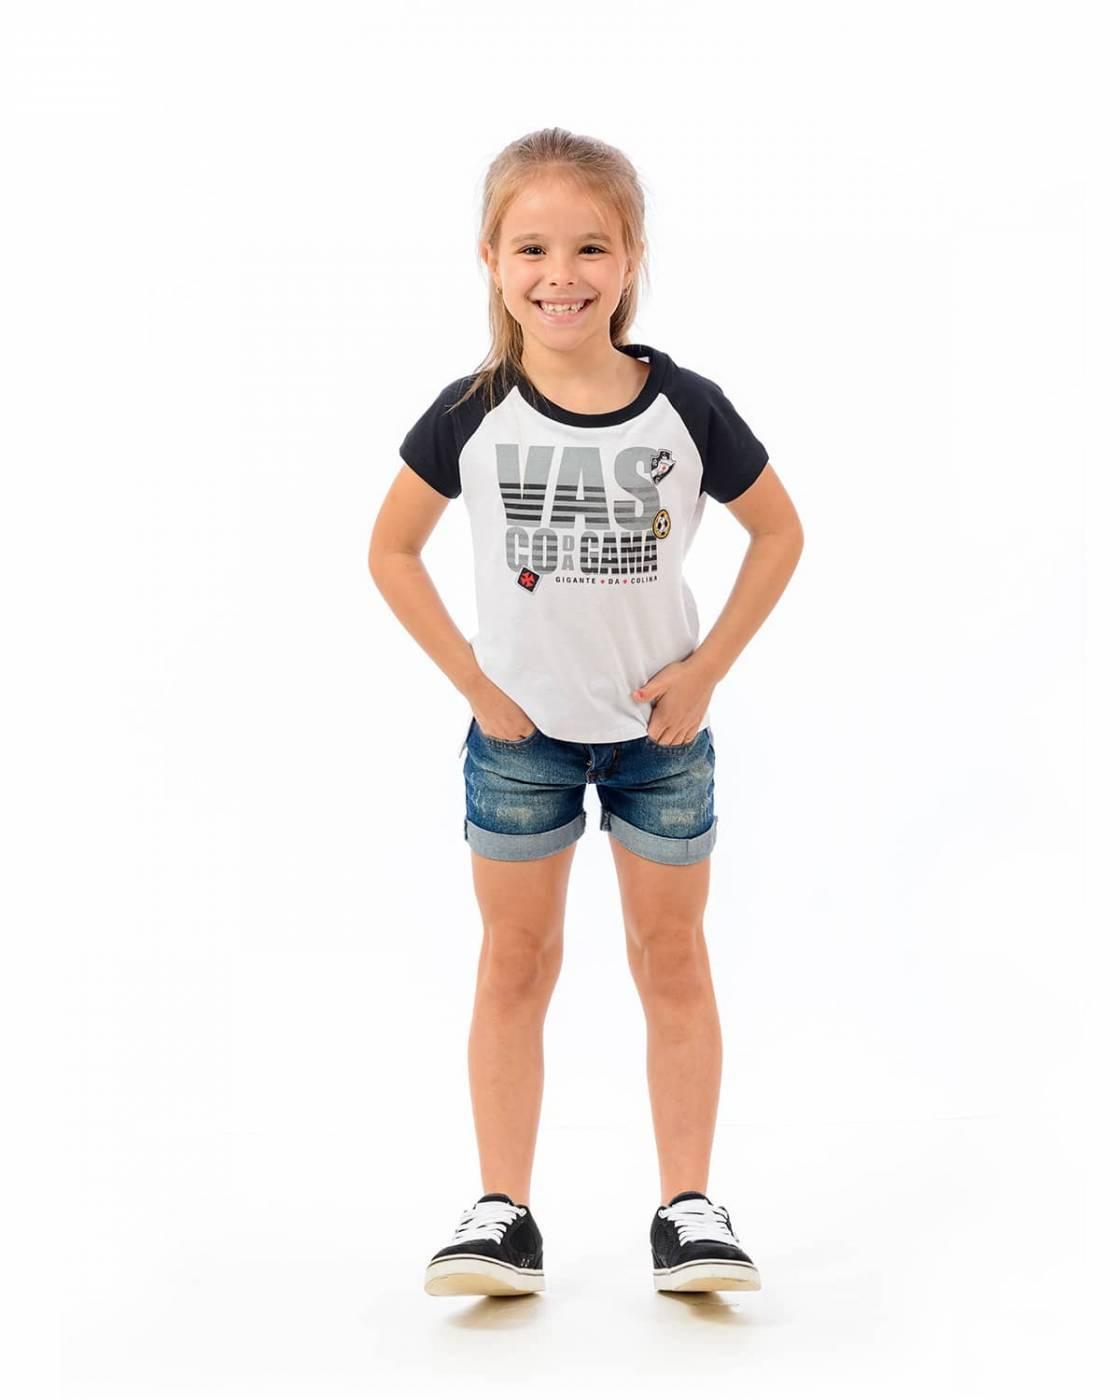 Camisa infantil feminina Vasco School